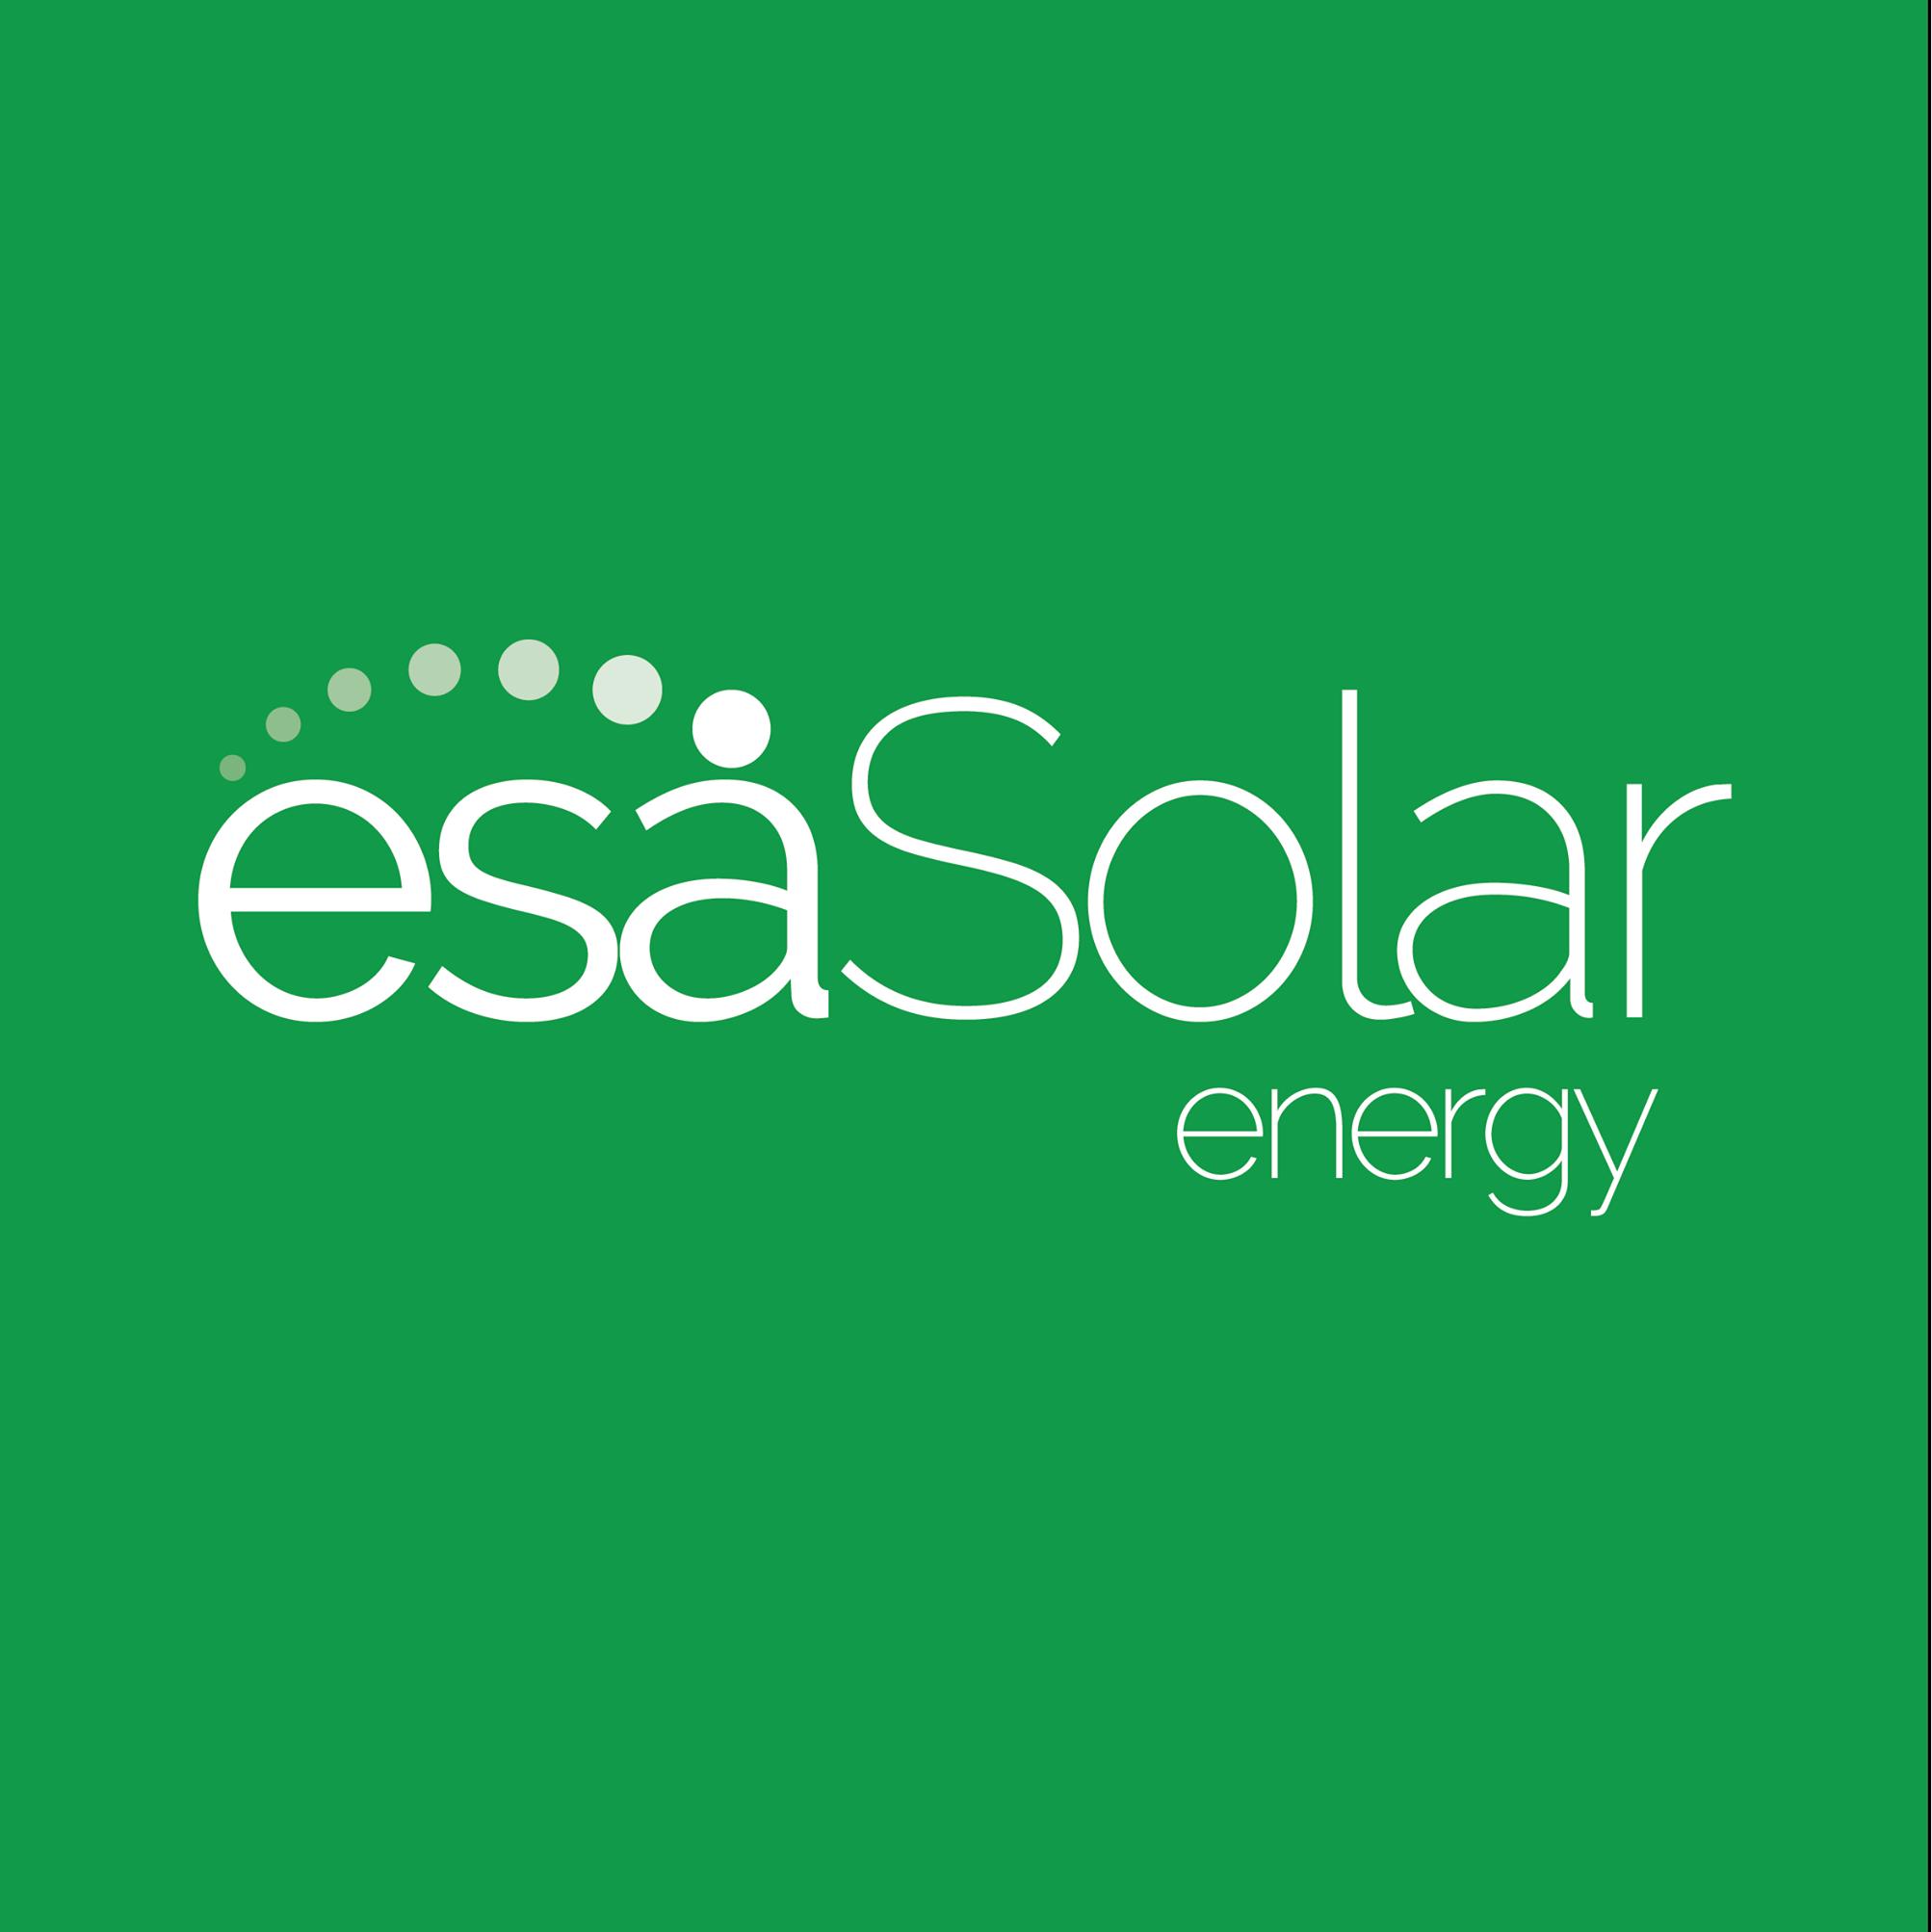 esa Solar energy logo.